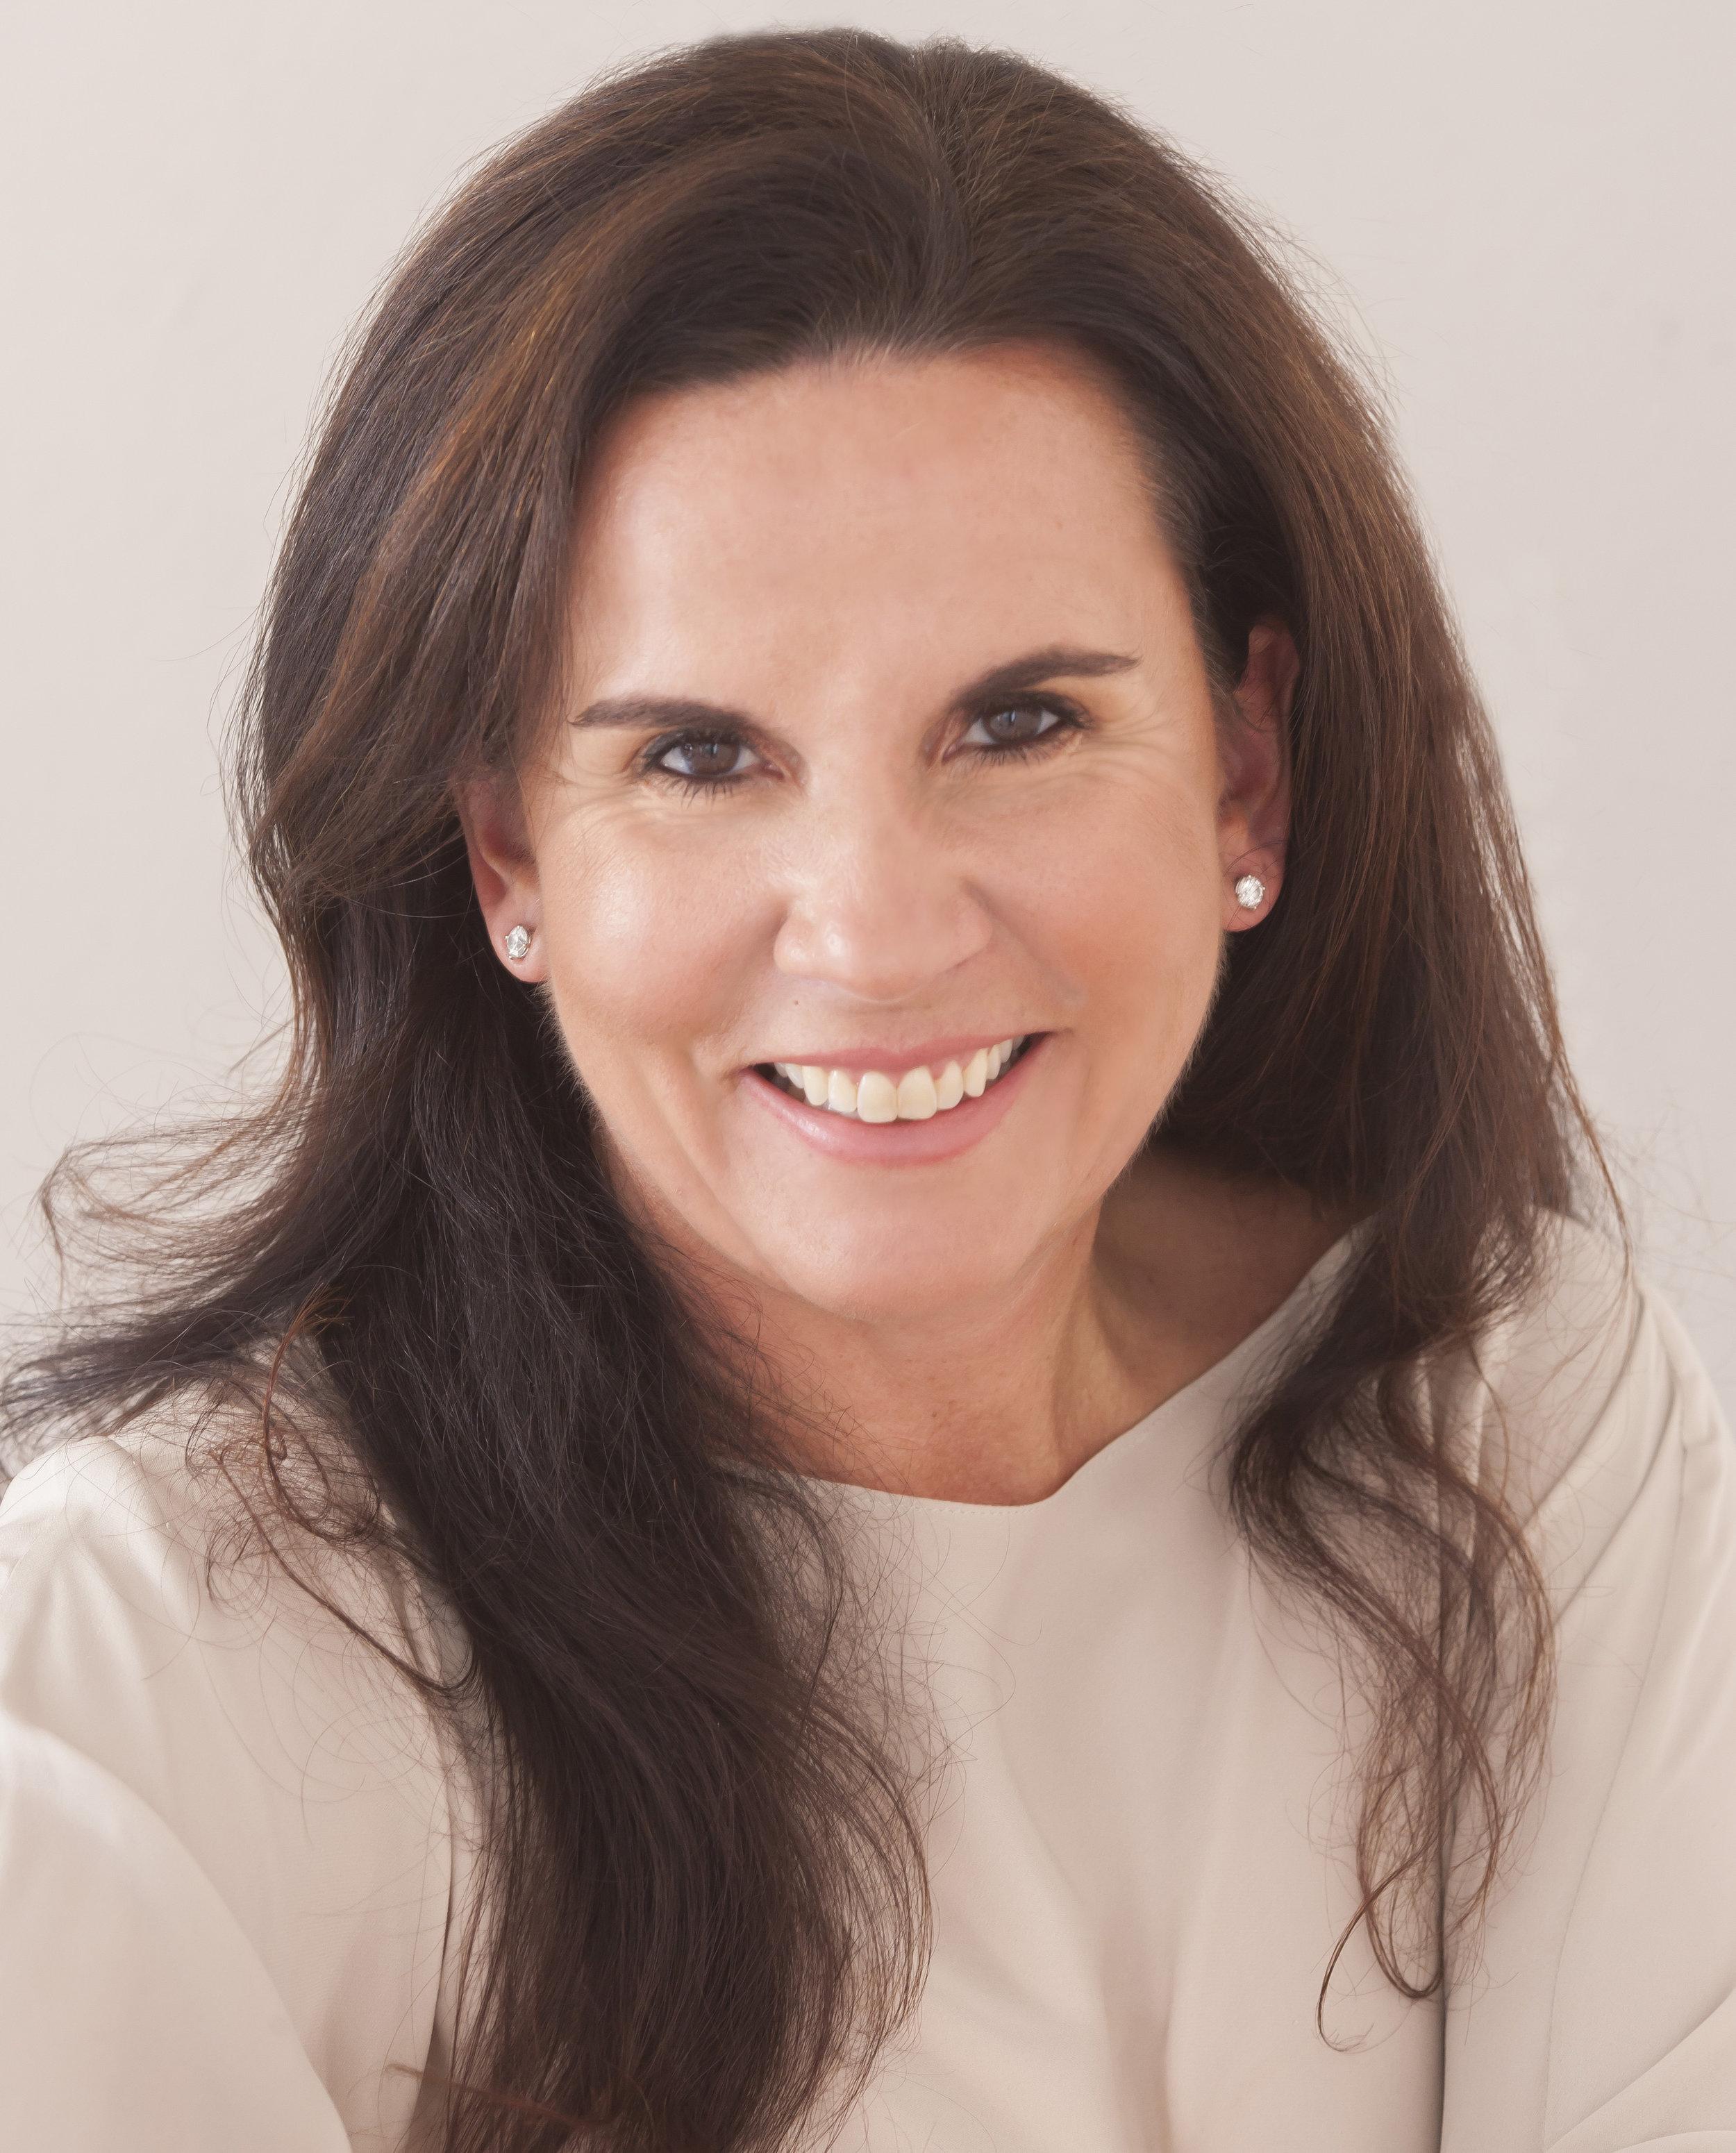 Susan Masto Headshot.jpeg